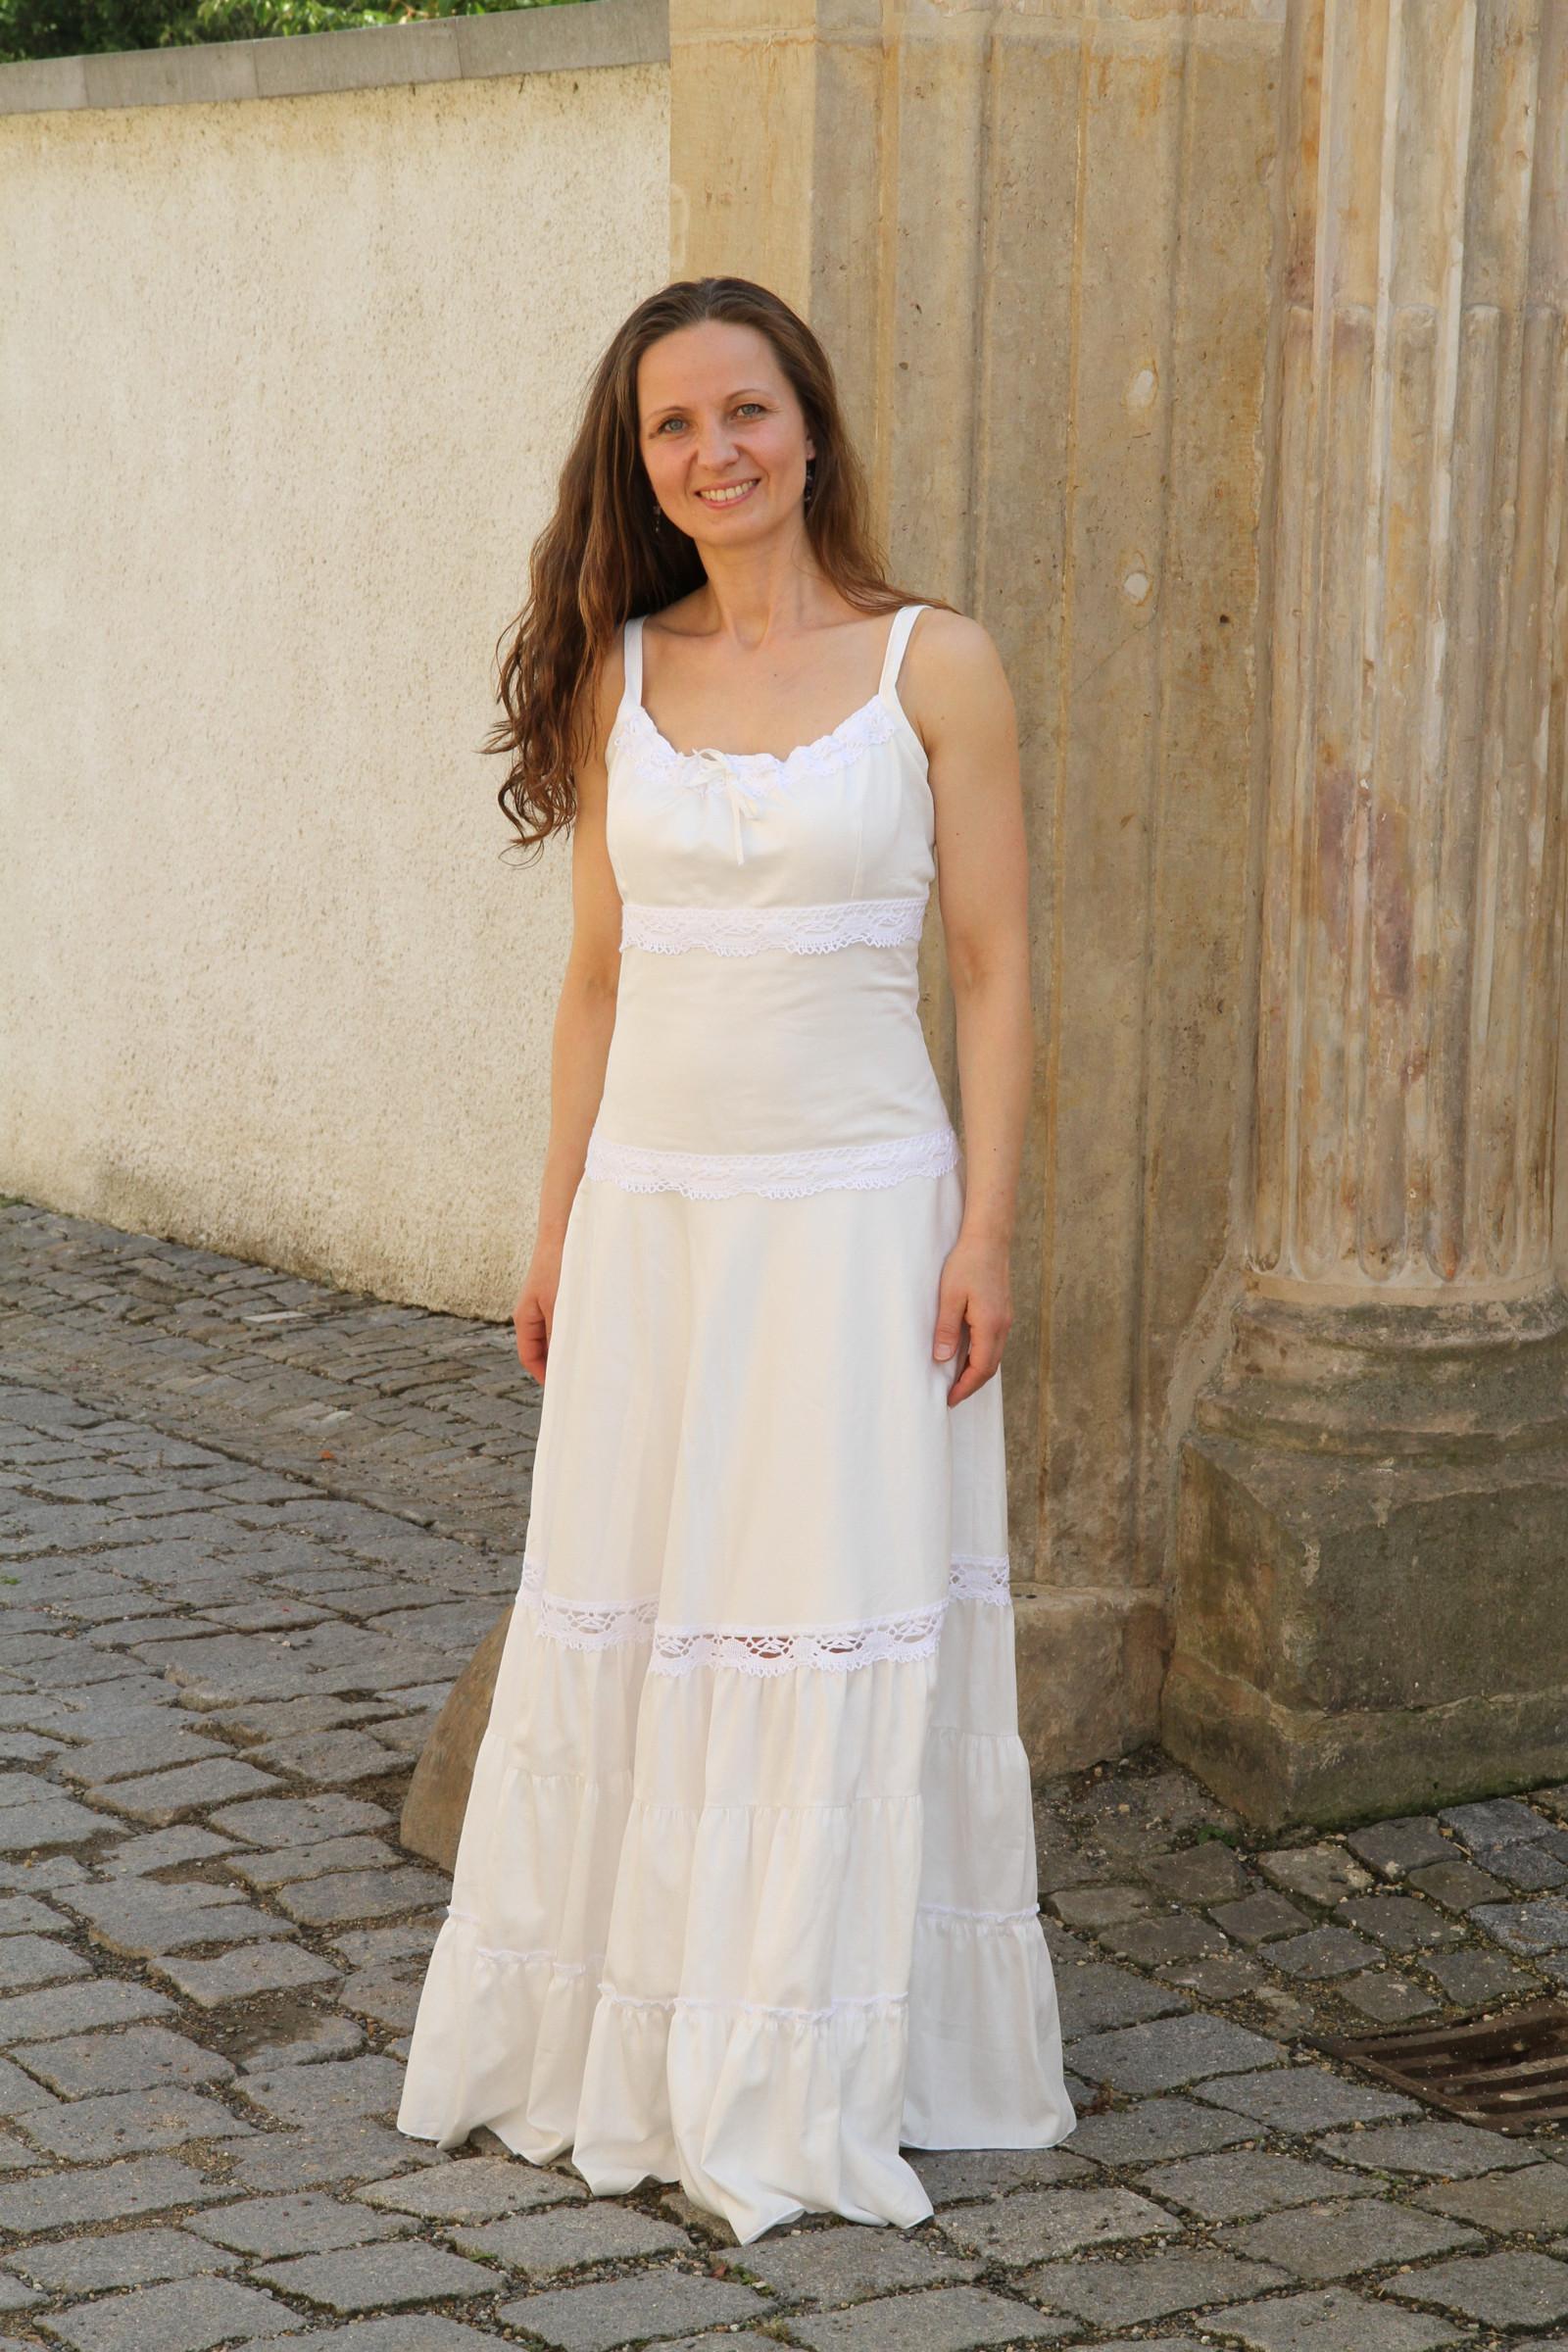 d0169ce668f2 Bílé kolové šaty s krajkou   Zboží prodejce Zrozena pro krásu